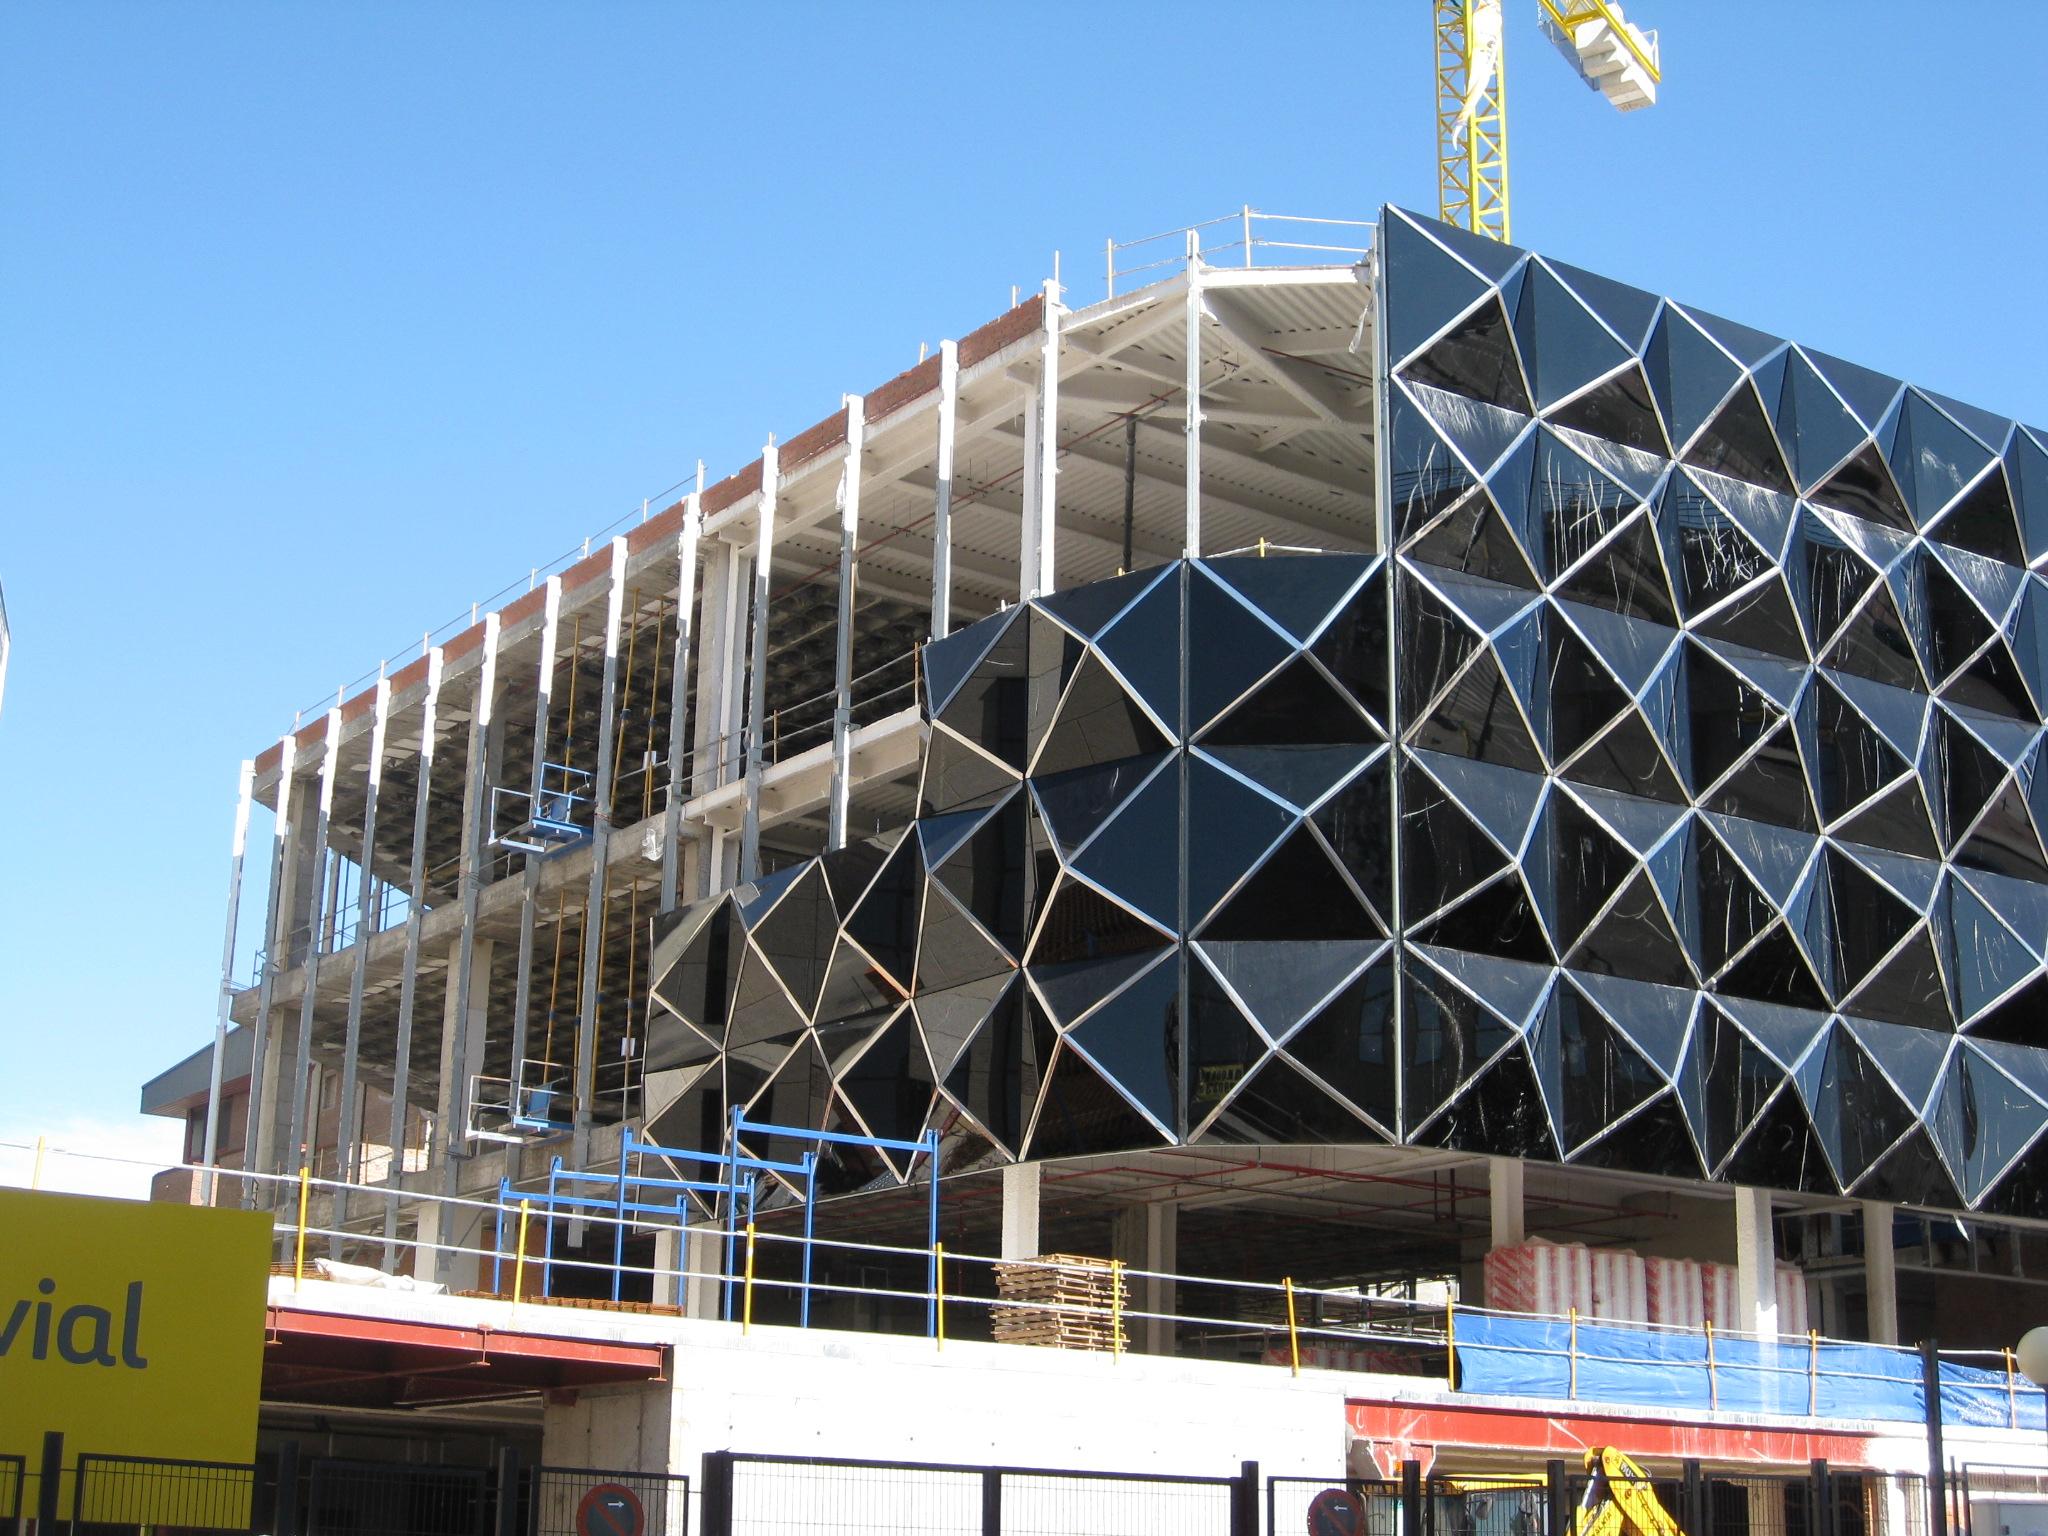 Industrias grafer s l for Edificio oficinas valencia